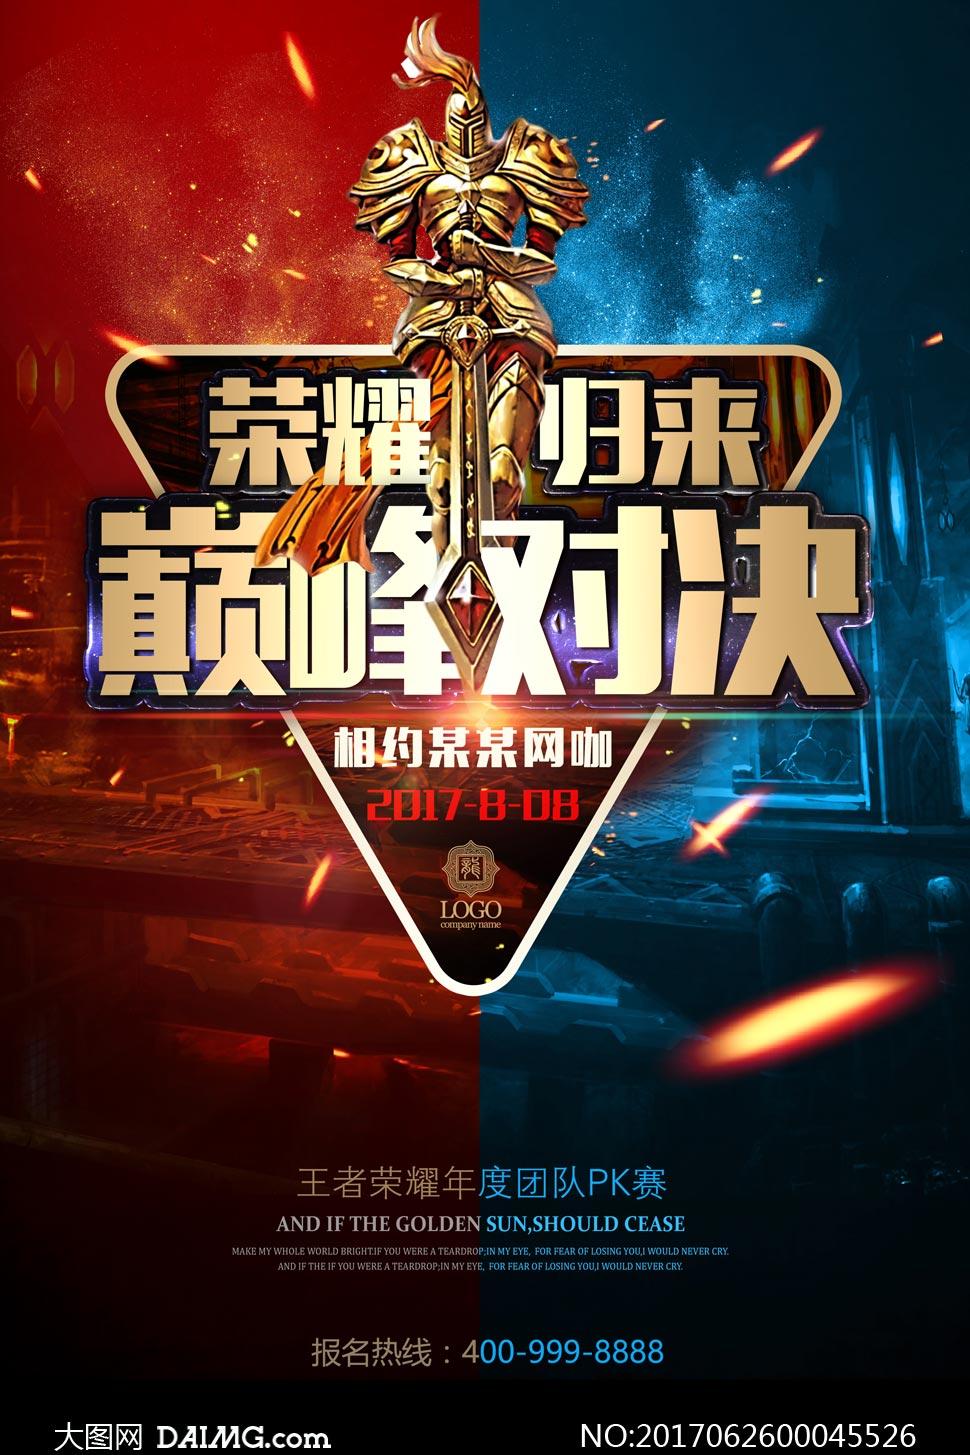 王者荣耀电子竞技宣传海报psd素材